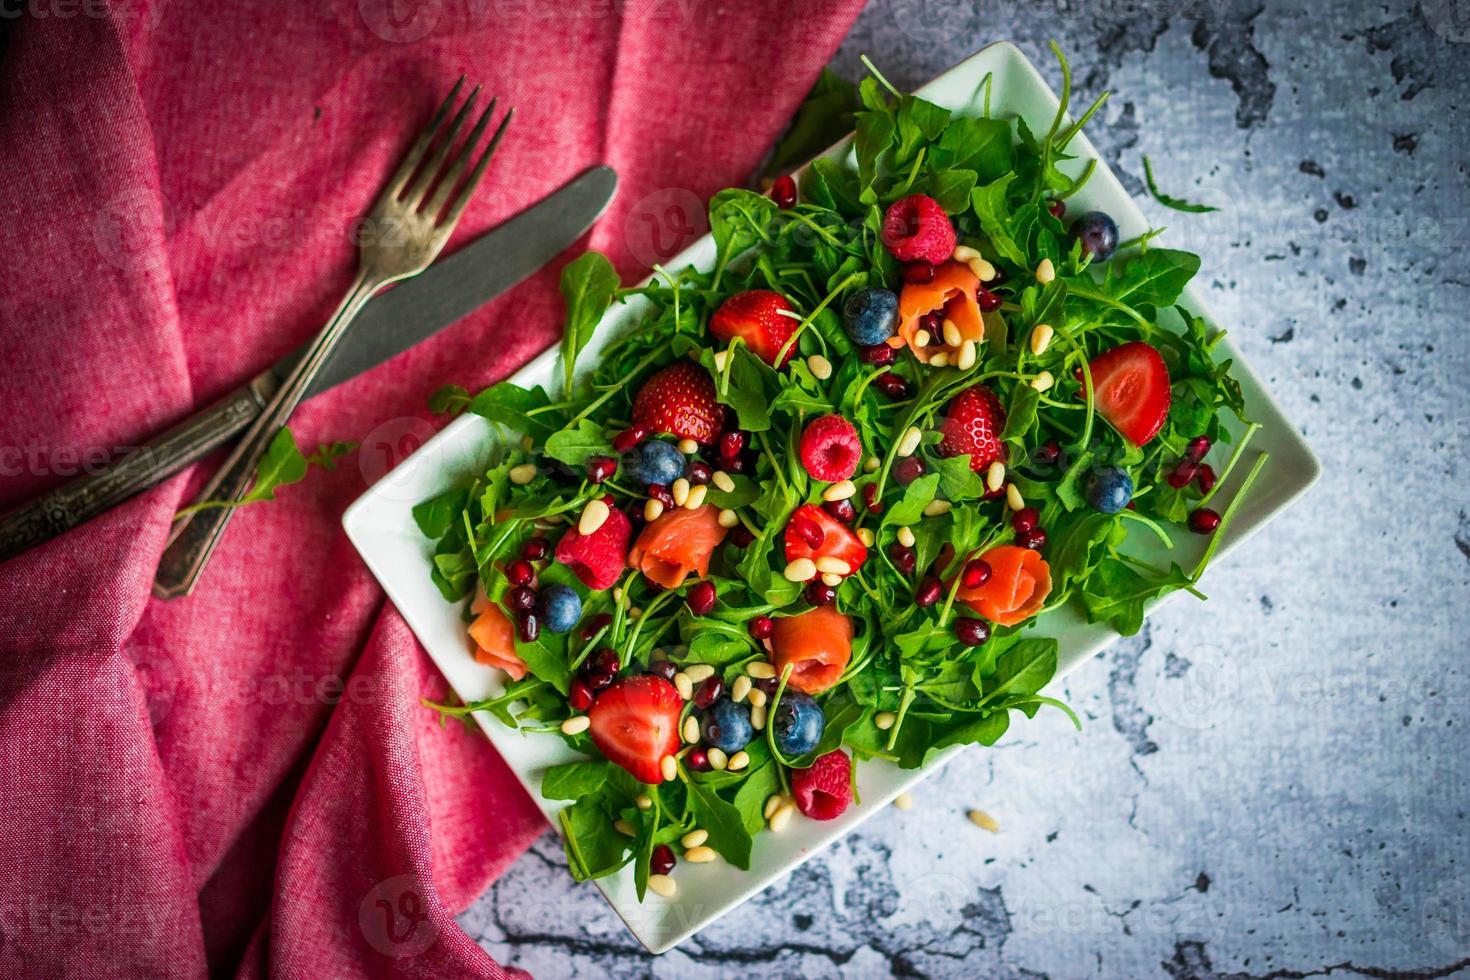 gezonde salade met rucola, spinazie, gerookte zalm en bessen foto